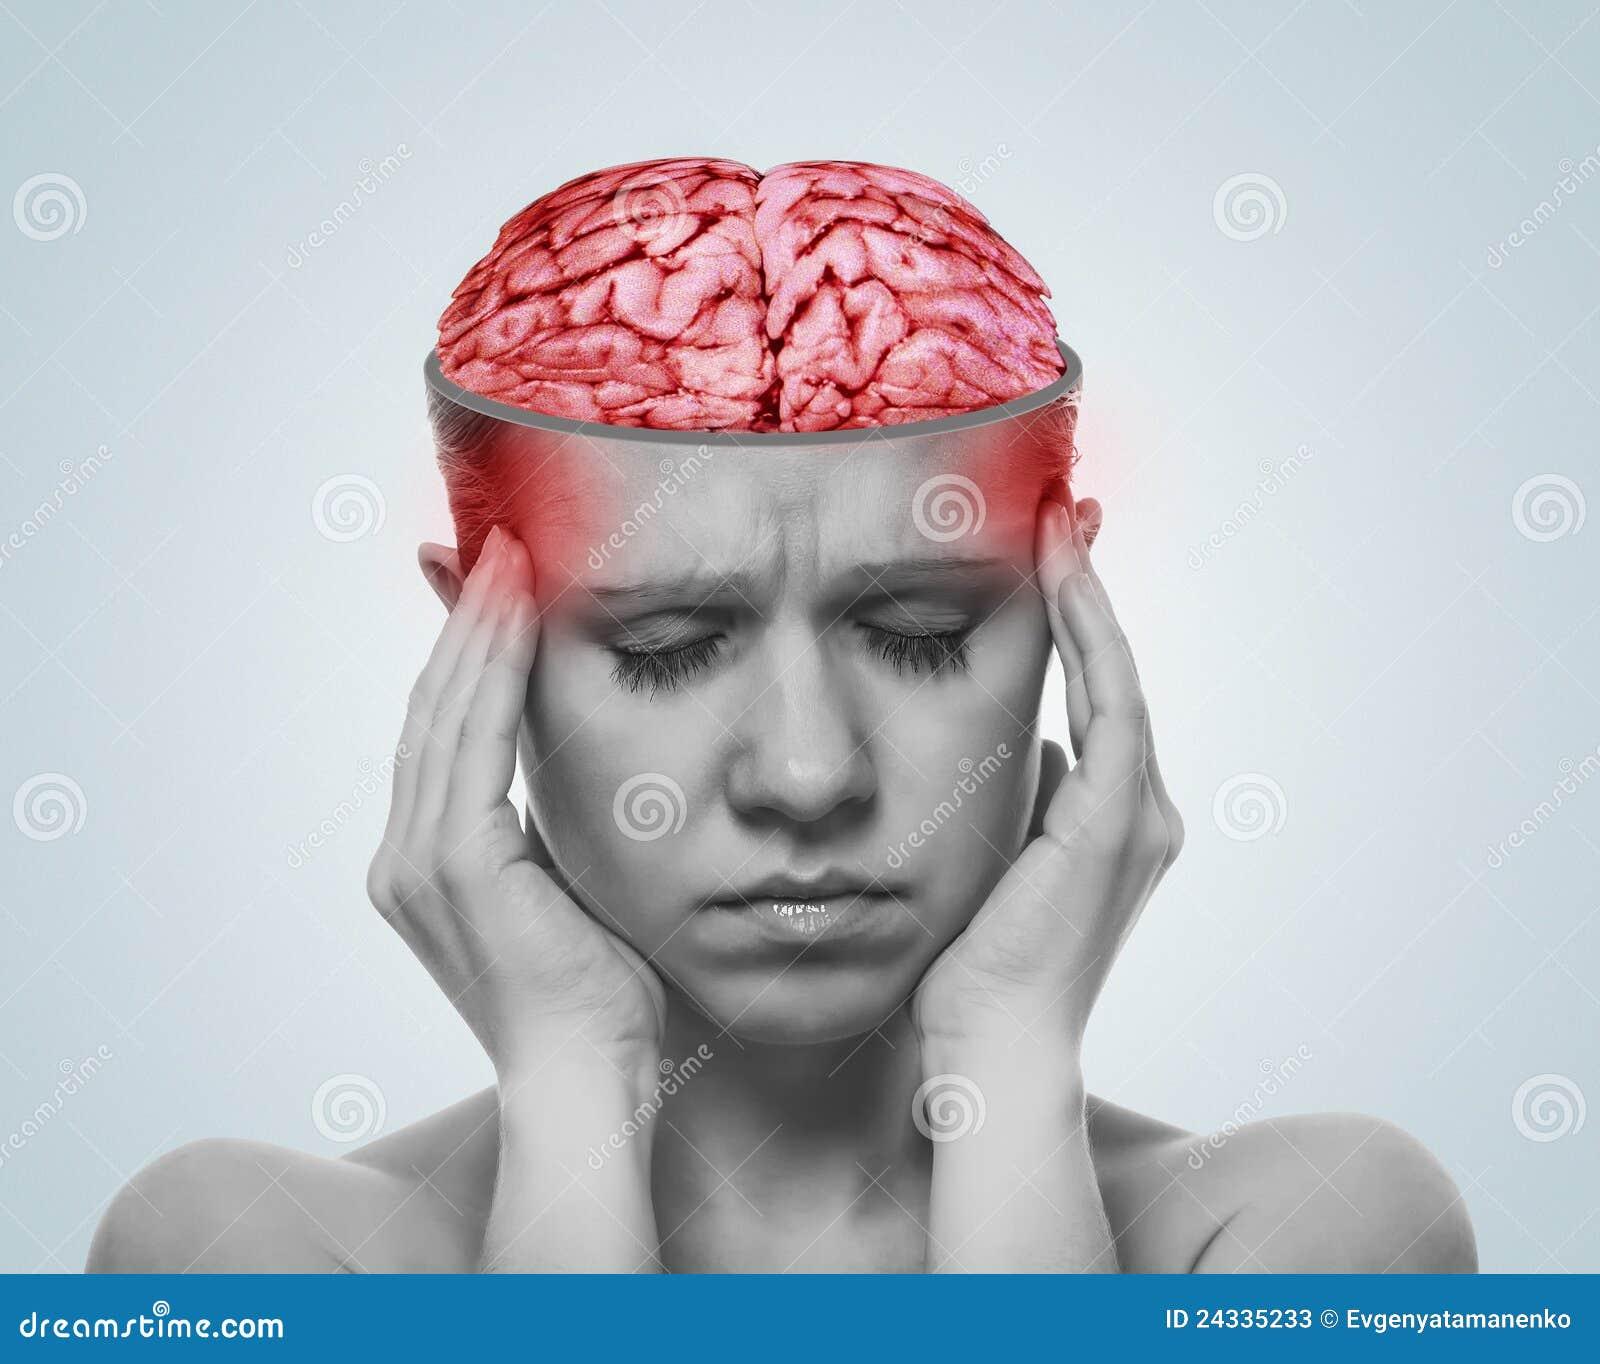 Konzept von Kopfschmerzen. öffnen Sie Schädel, entfachtes Gehirn